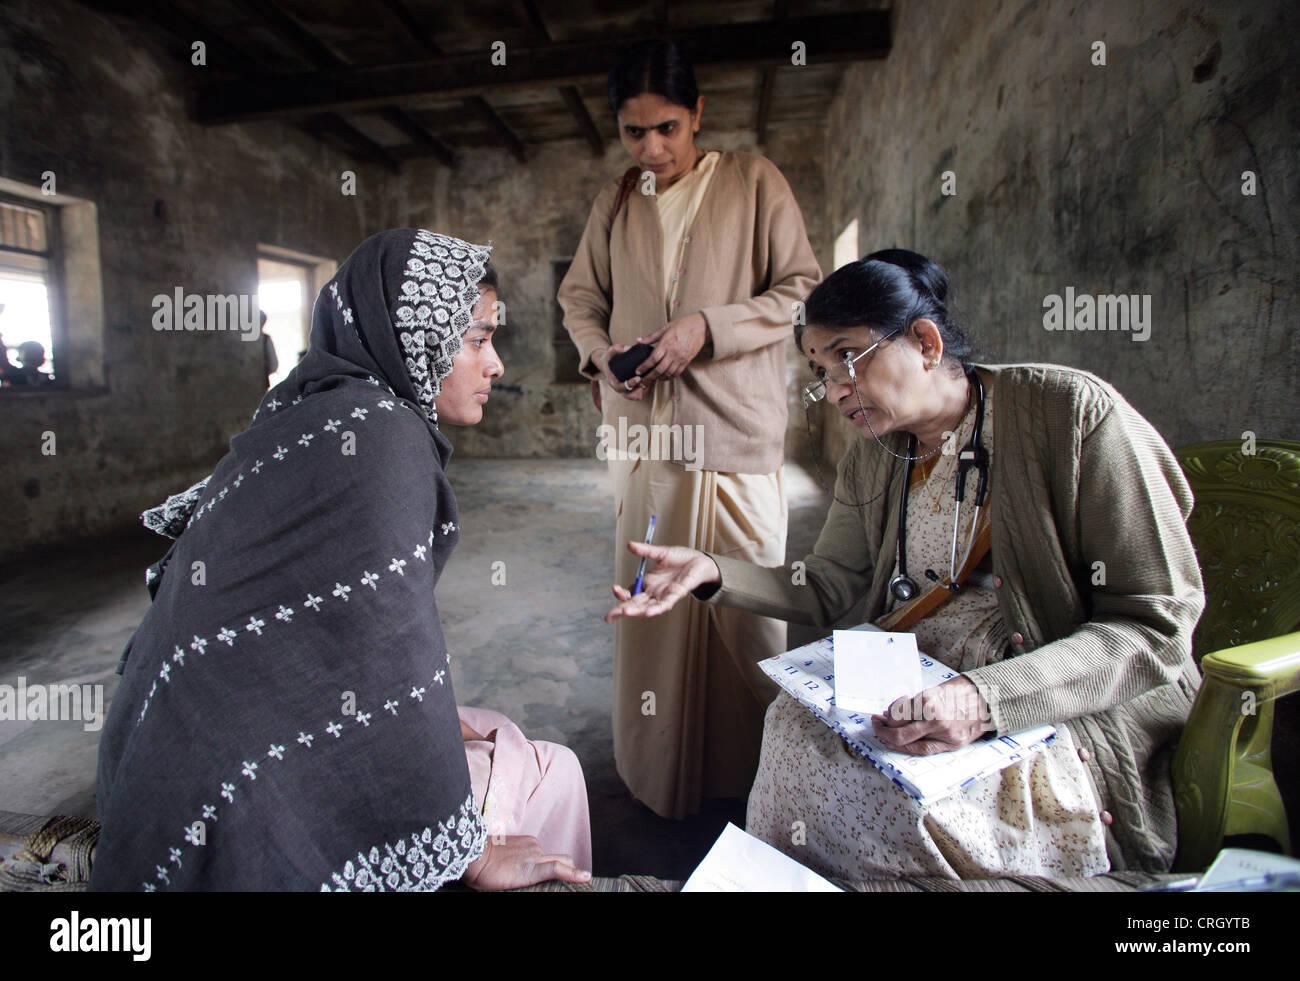 Médecin volontaire (à droite) examine les habitants d'un village en Inde sans aucun frais/image Photo Stock